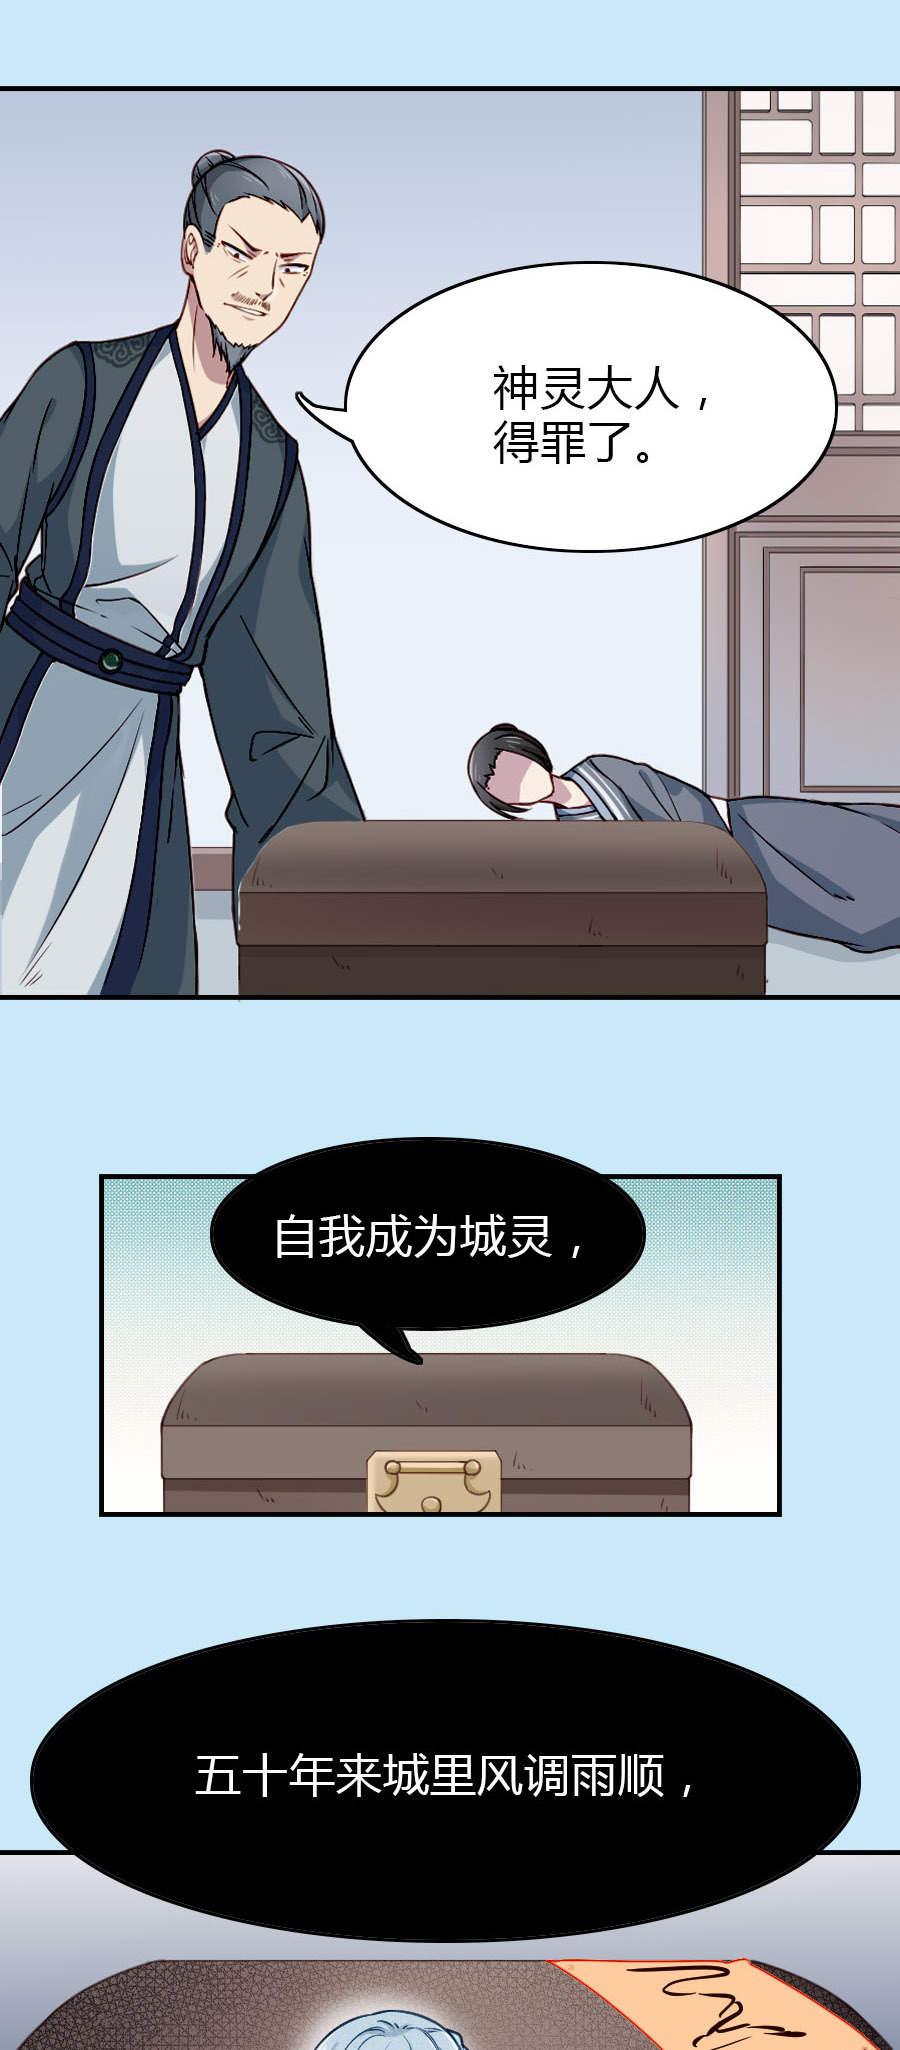 少年游第26话  红灯笼红 贪欲乃剧毒 第 21